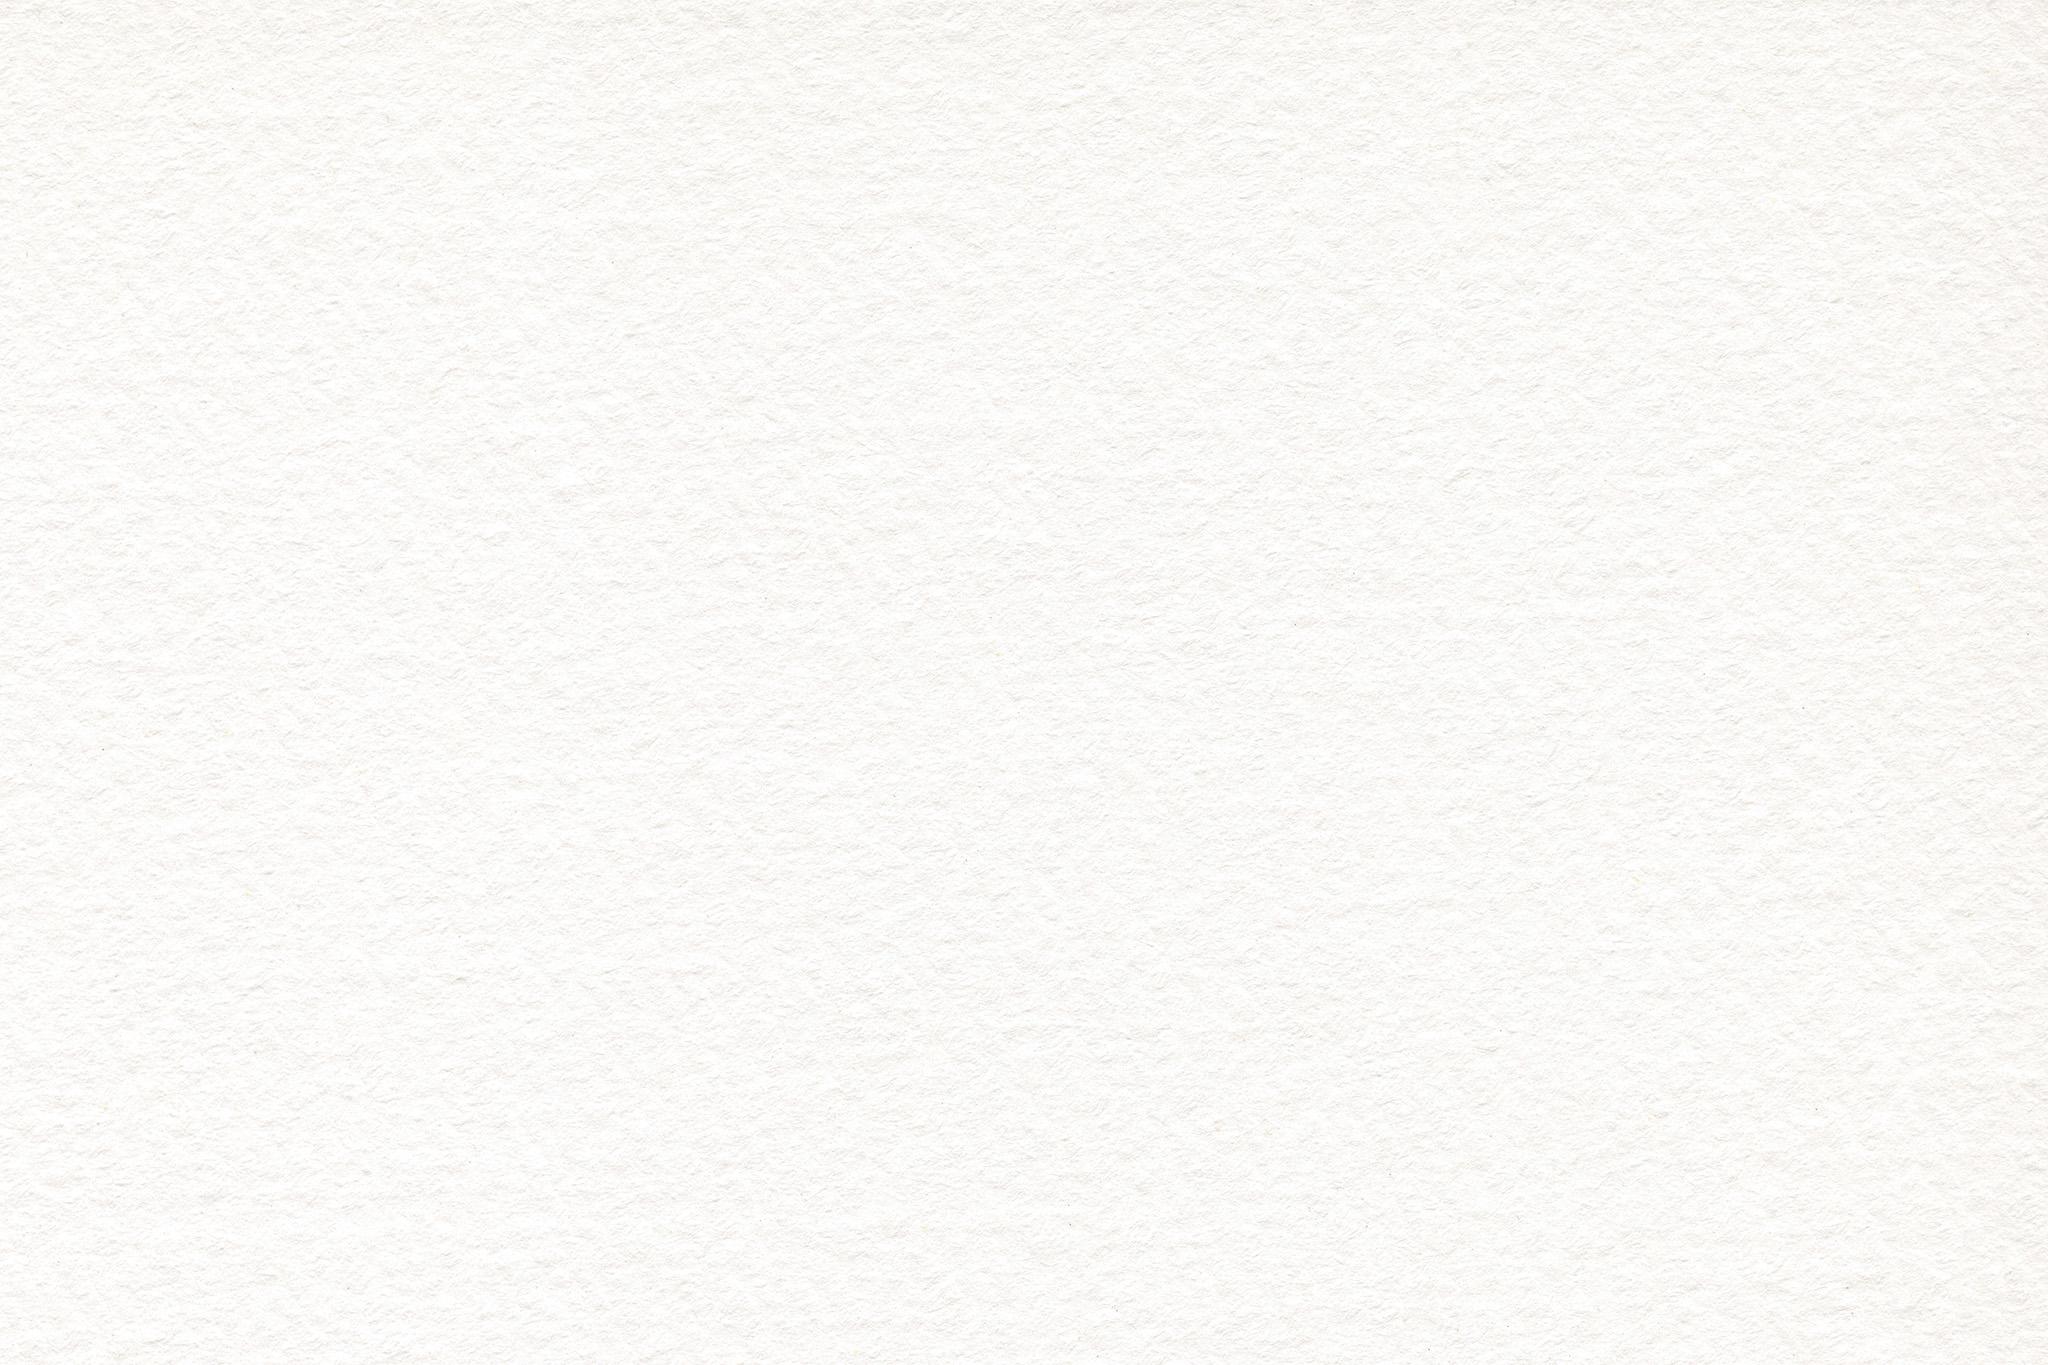 「白い紙のテクスチャ」の画像を無料ダウンロード